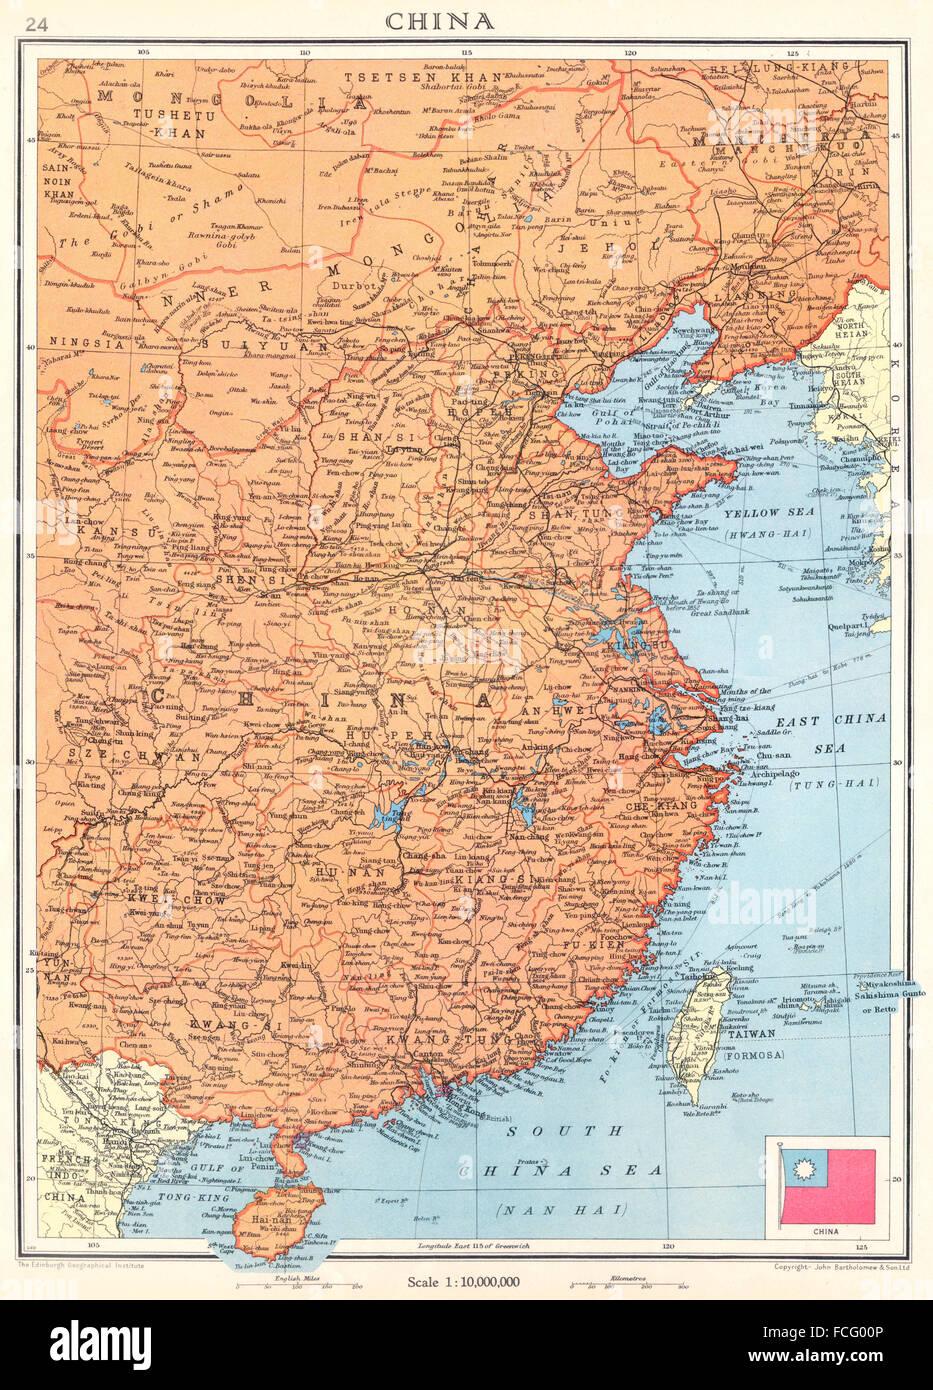 China kwang chow taiwan hong kong 1938 vintage map stock photo china kwang chow taiwan hong kong 1938 vintage map gumiabroncs Choice Image